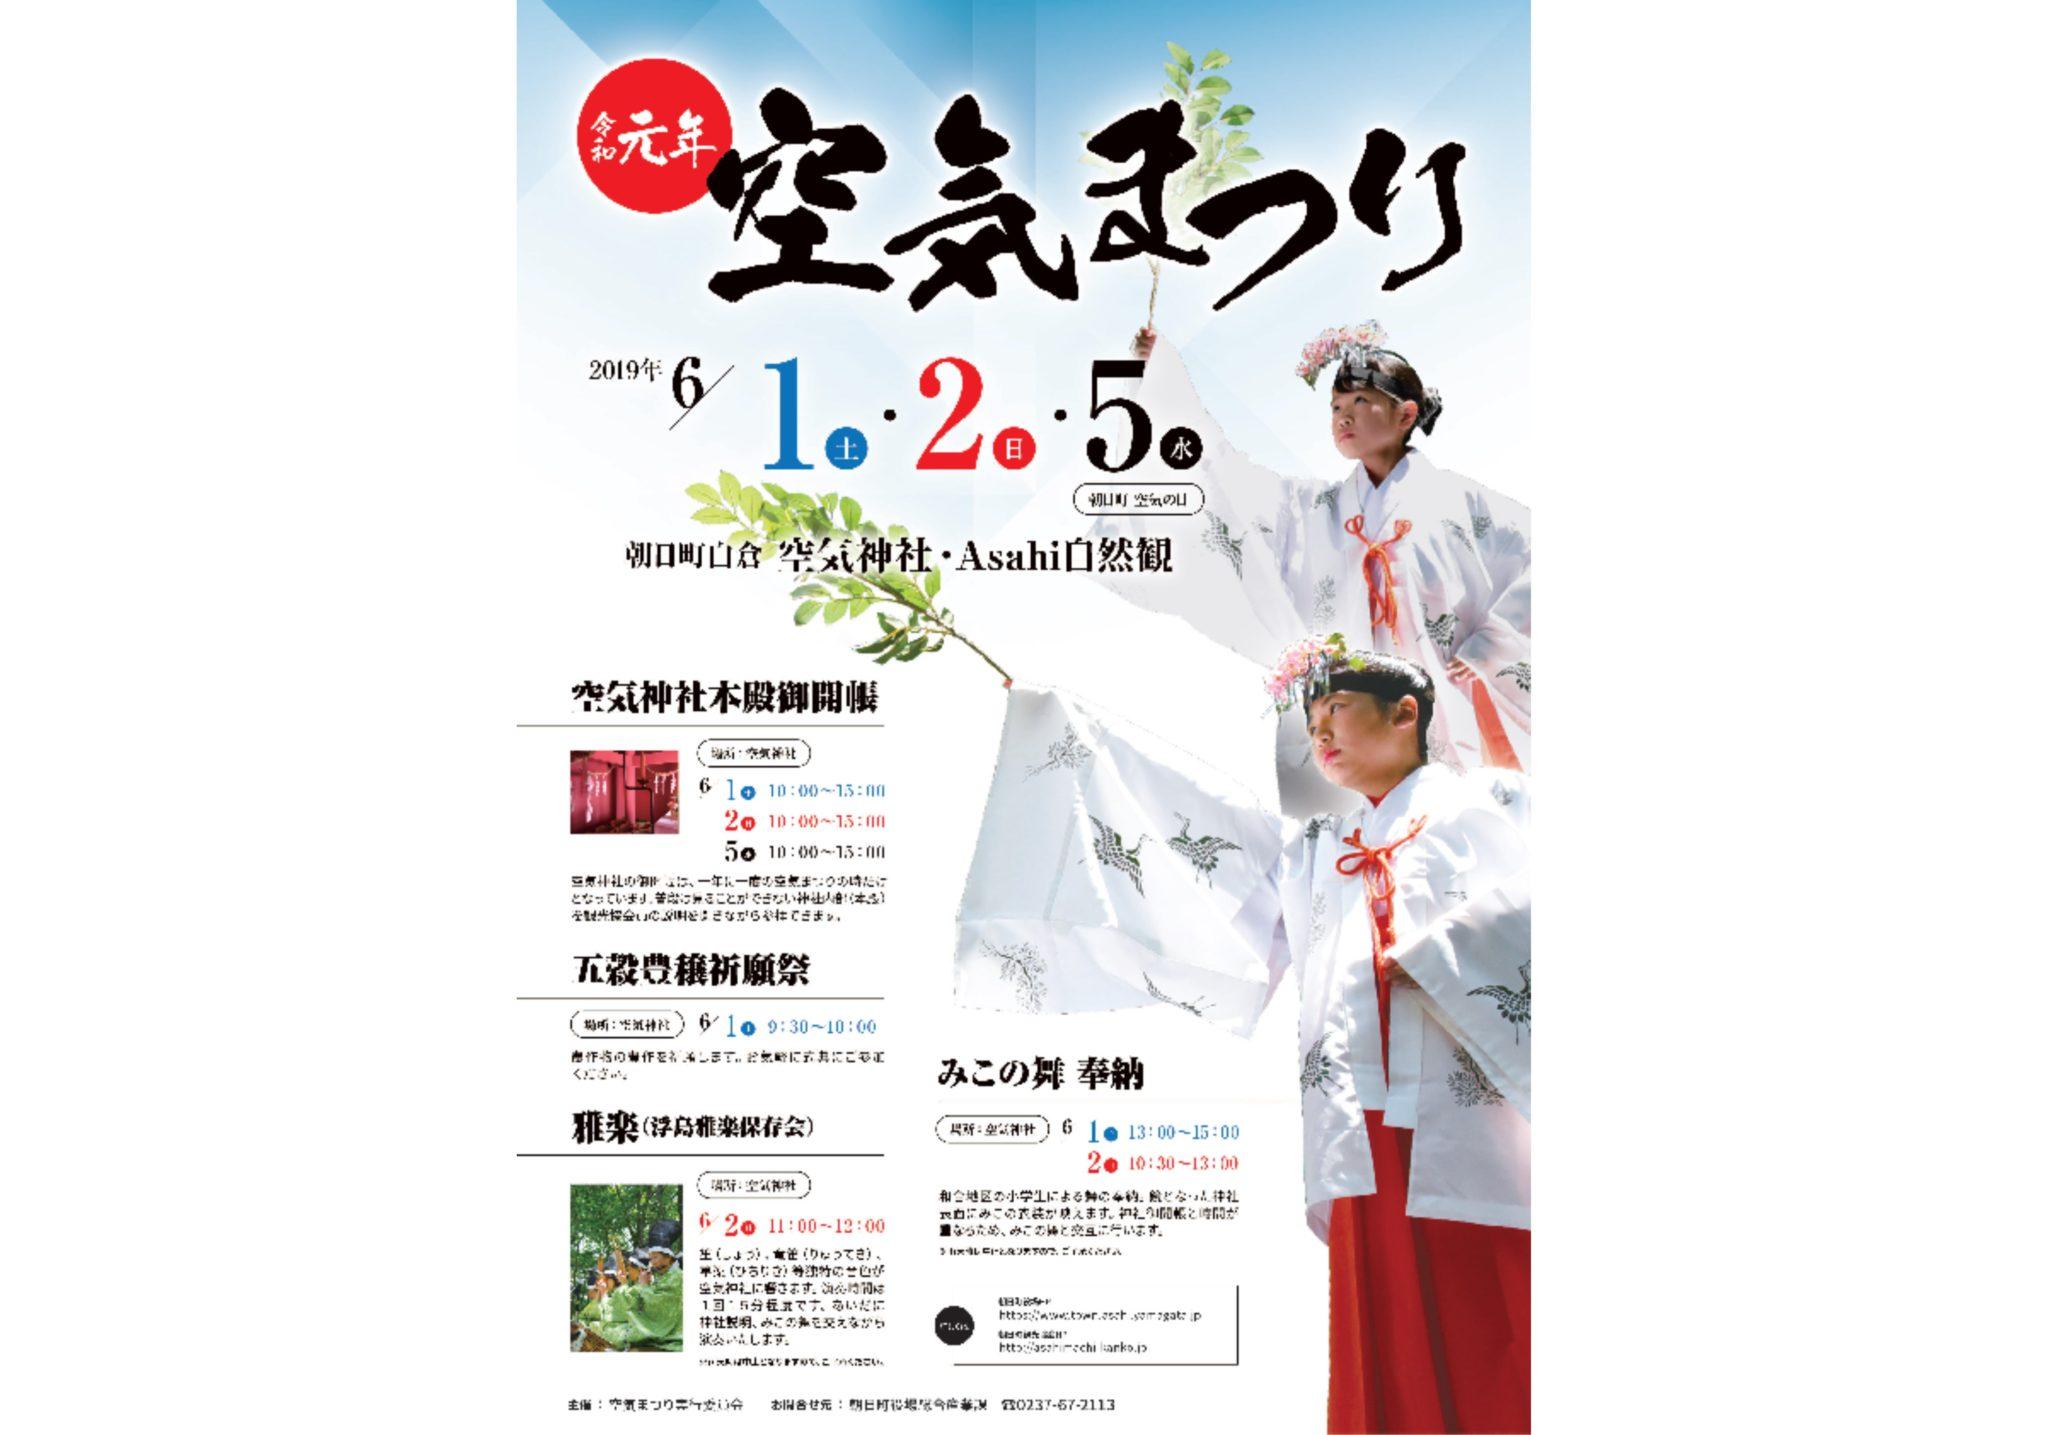 空気神社 Asahi自然観